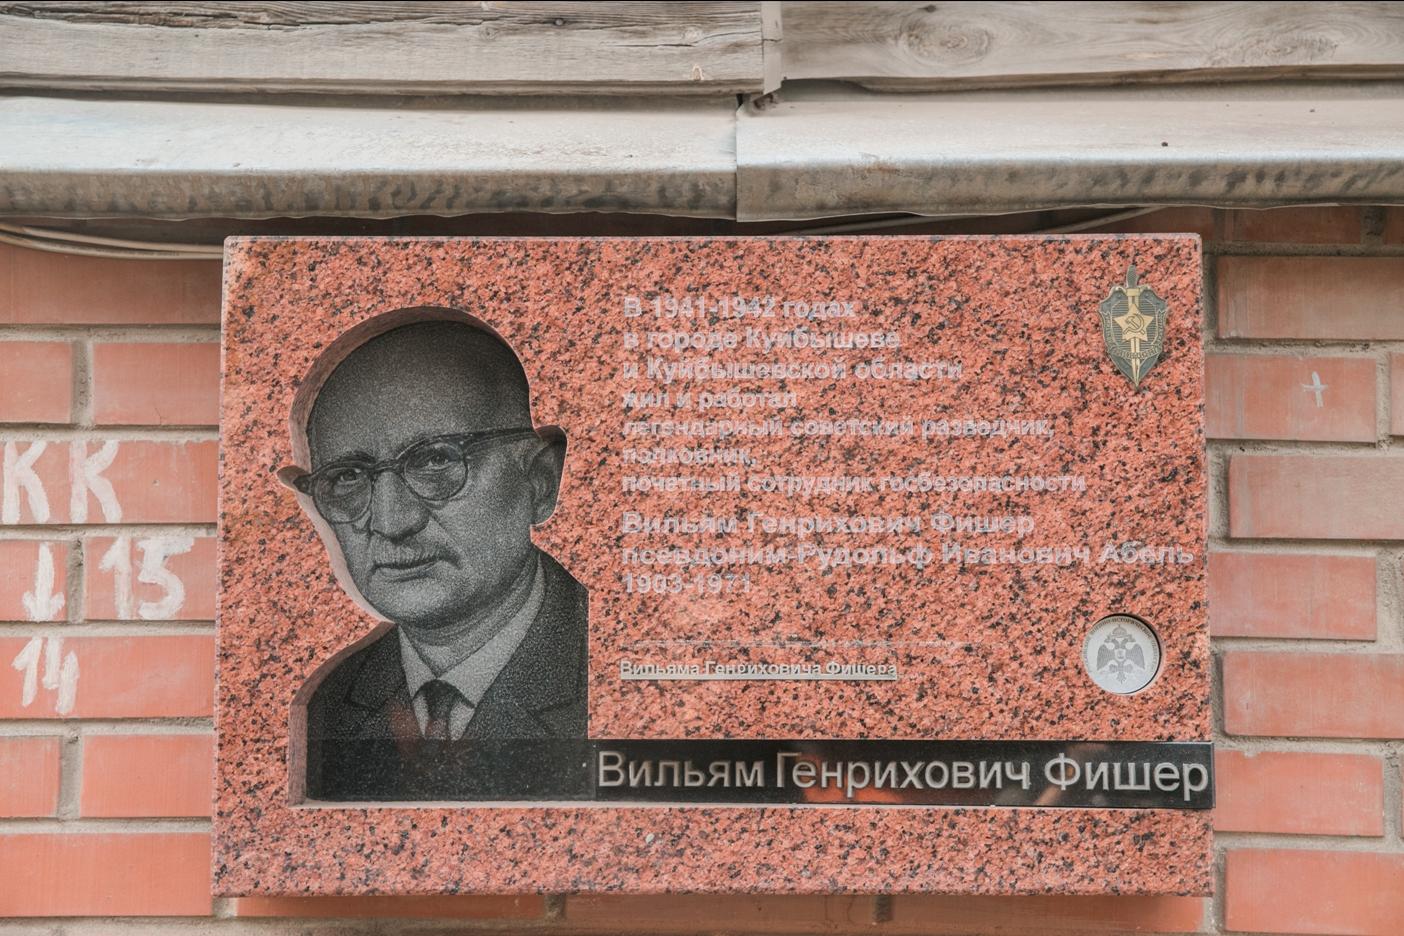 Мемориальная доска Вильяму Фишеру